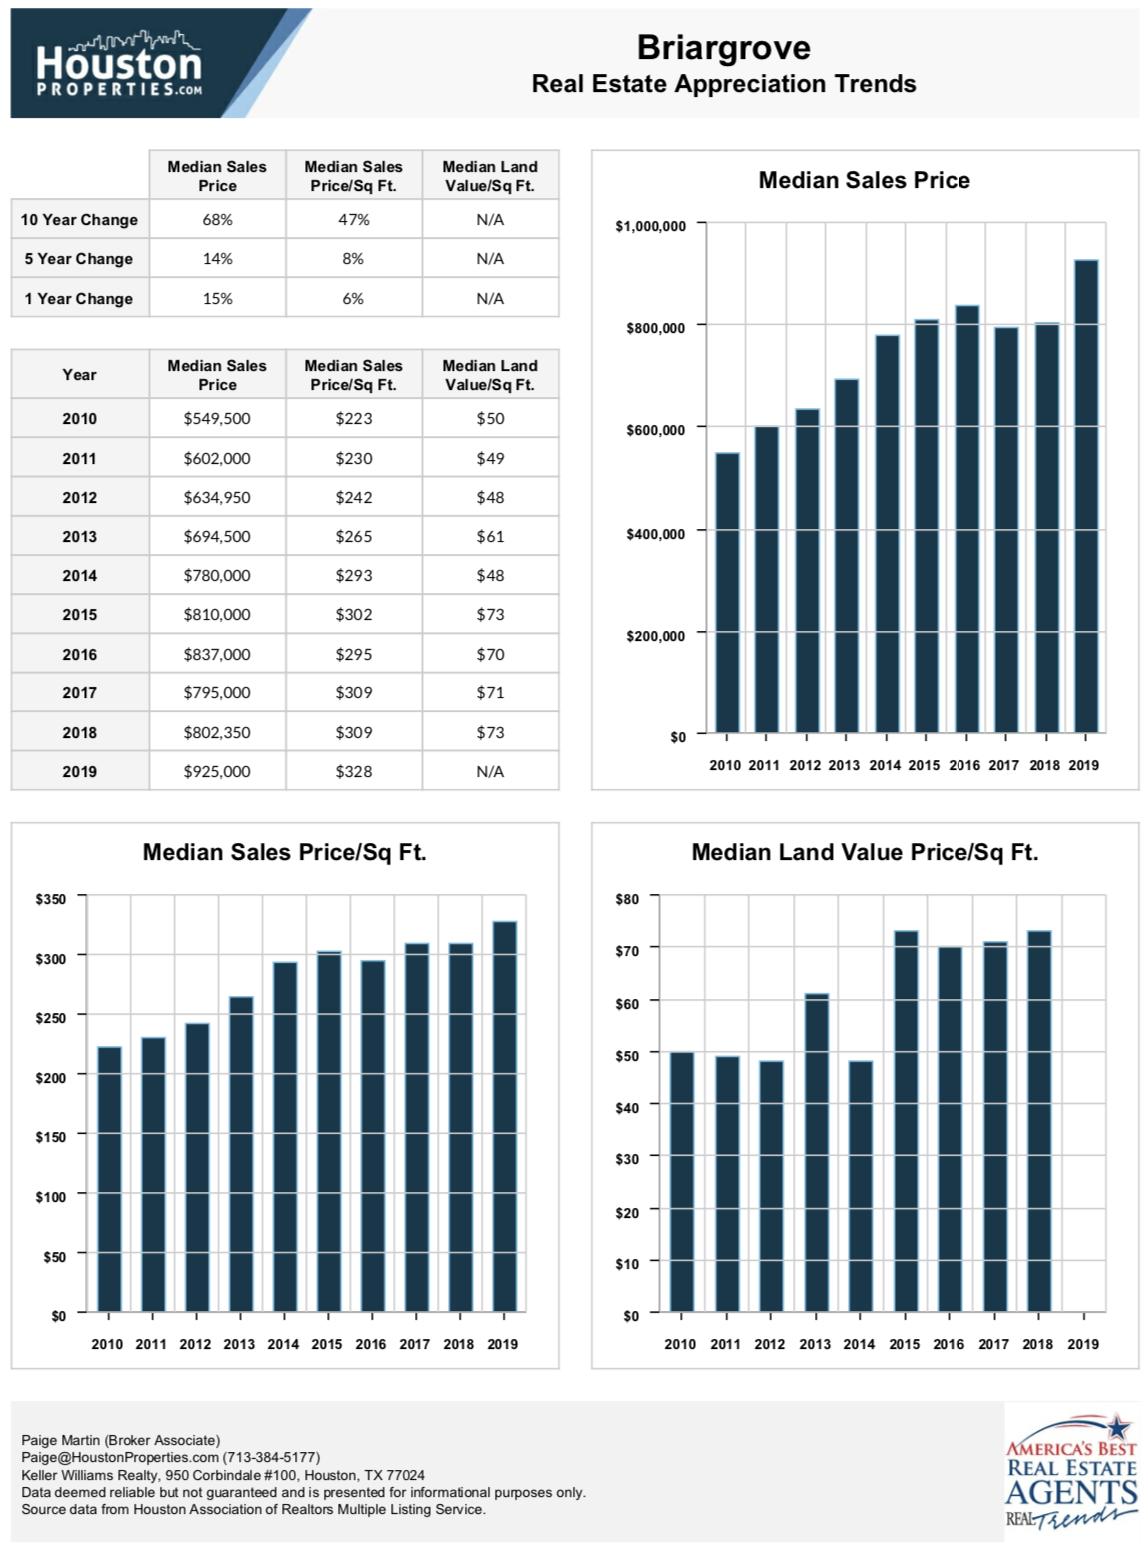 Briargrove Real Estate Appreciation Trends